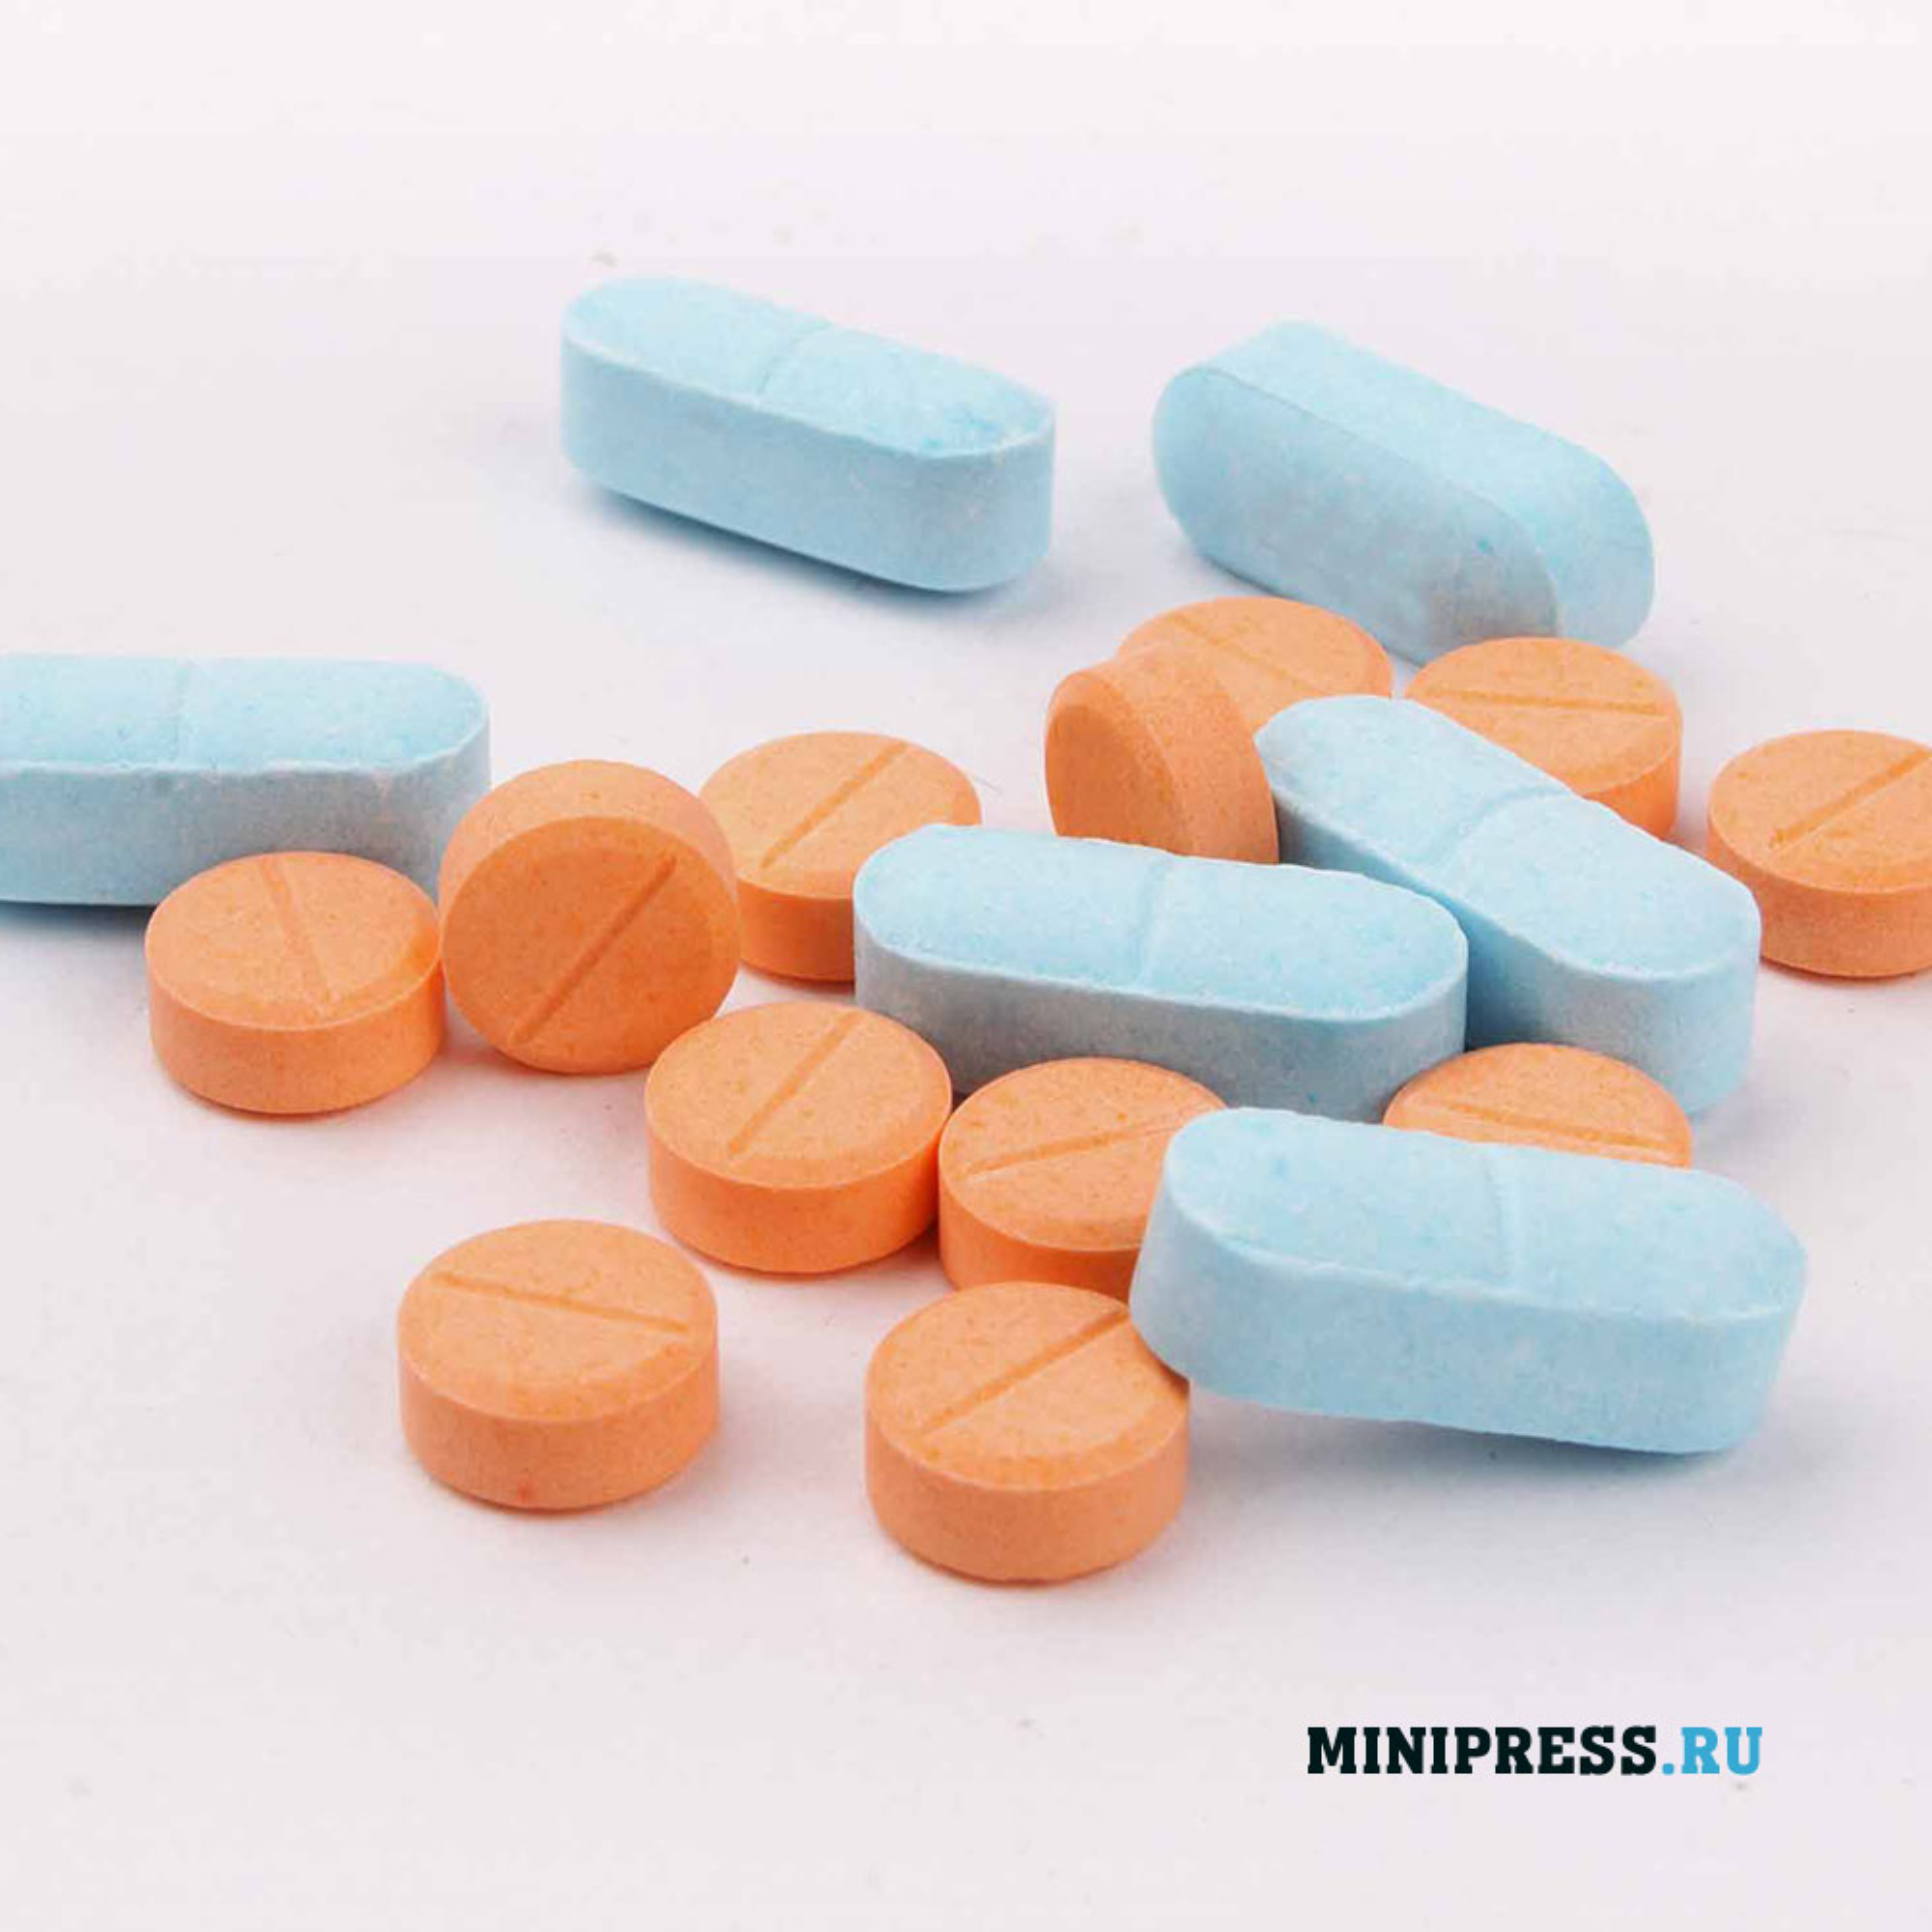 Прессование таблетки из порошка